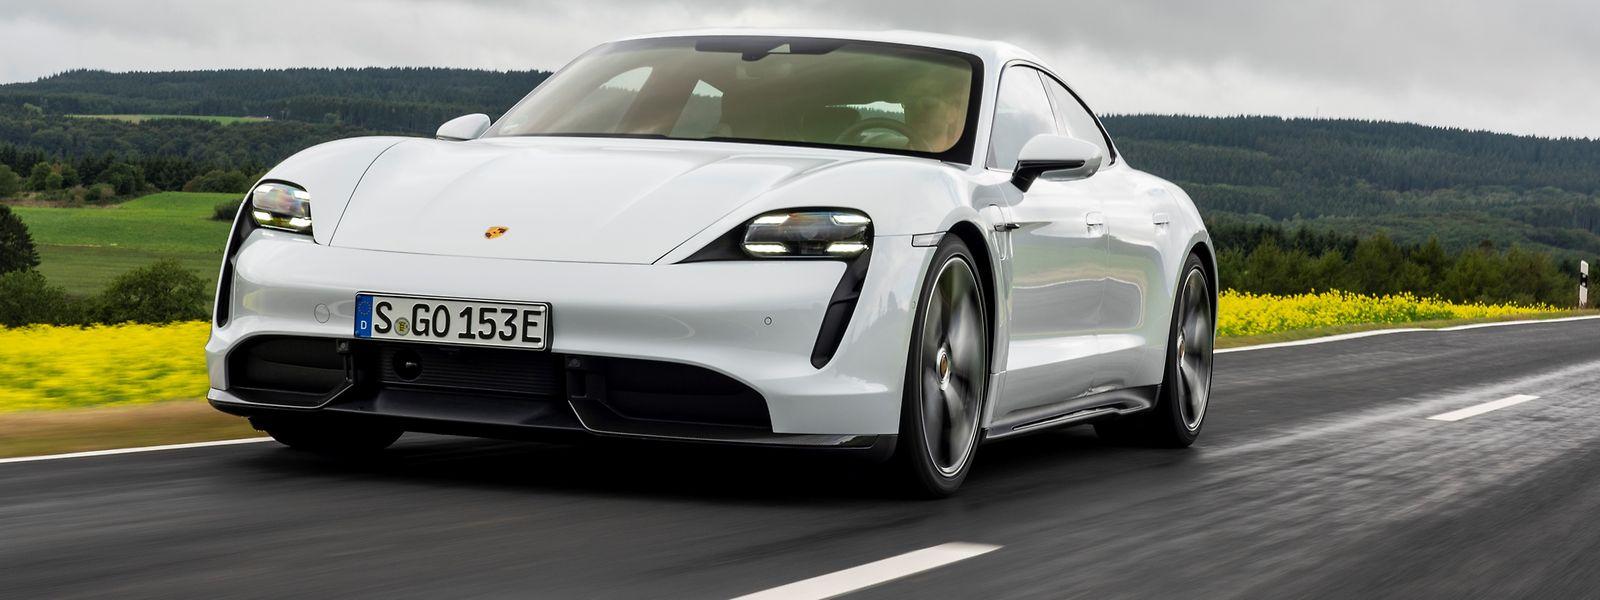 Der Taycan ist optisch auf Anhieb als Mitglied der Porsche-Familie zu erkennen